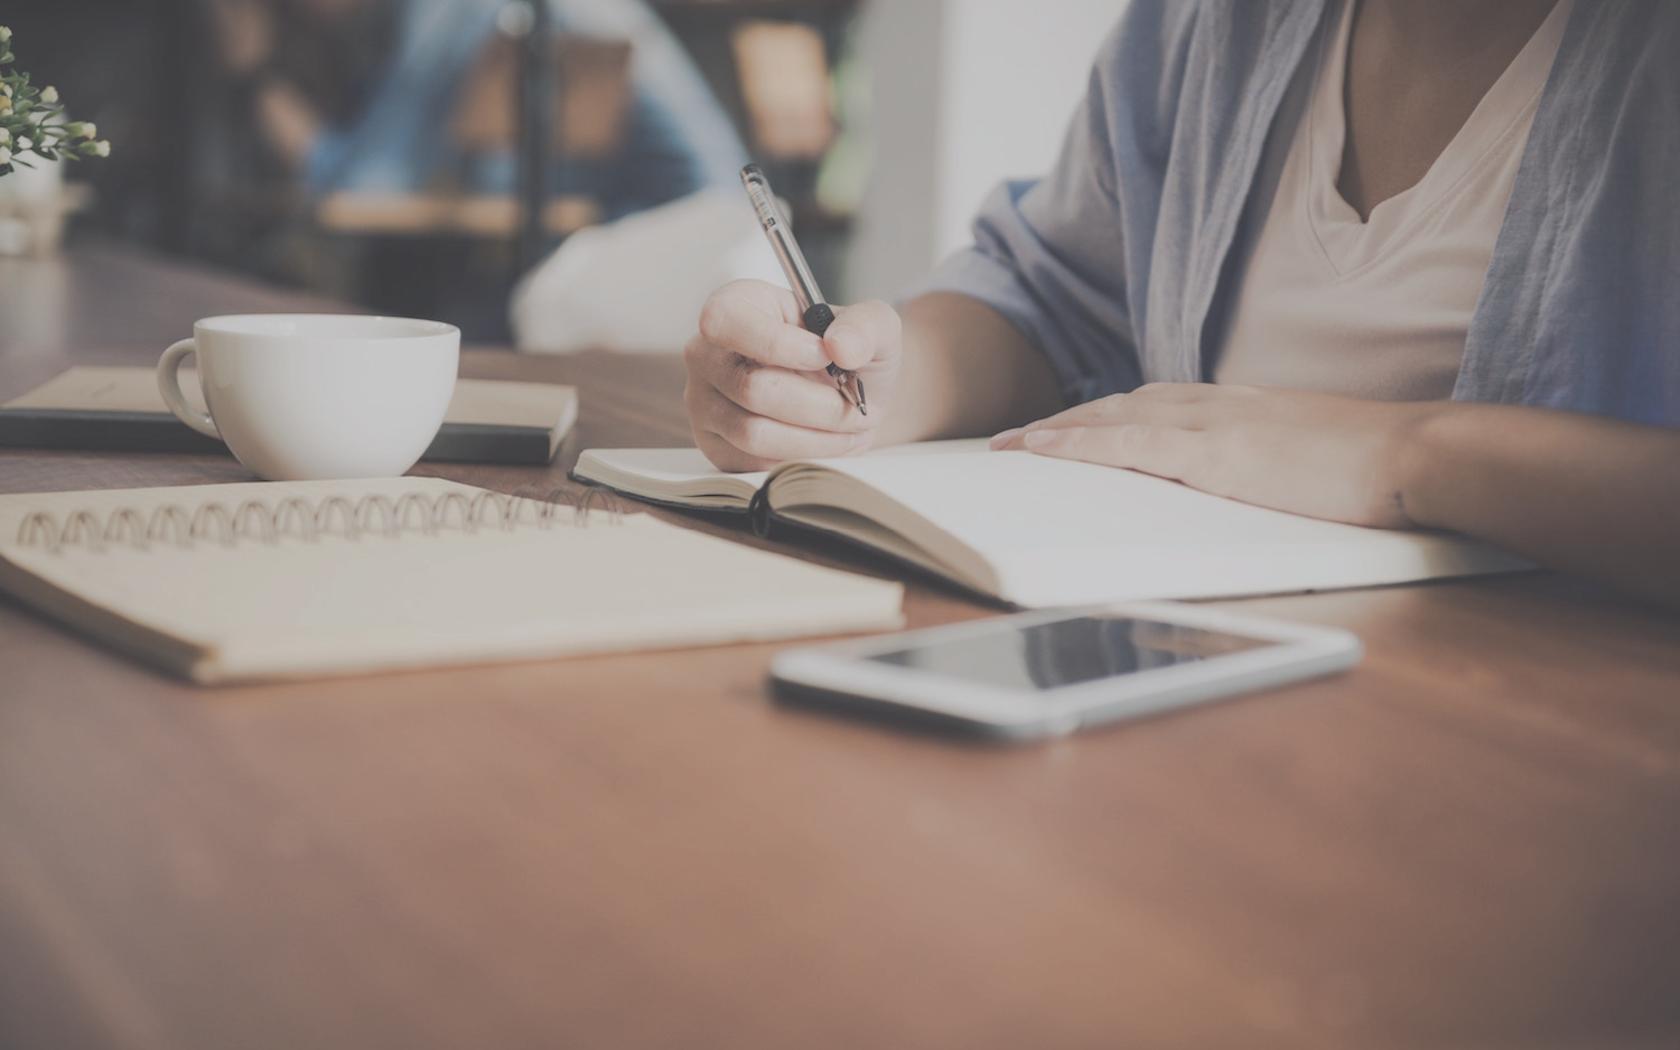 Экзамены TOEFL и IELTS: в чем разница и что лучше сдавать?